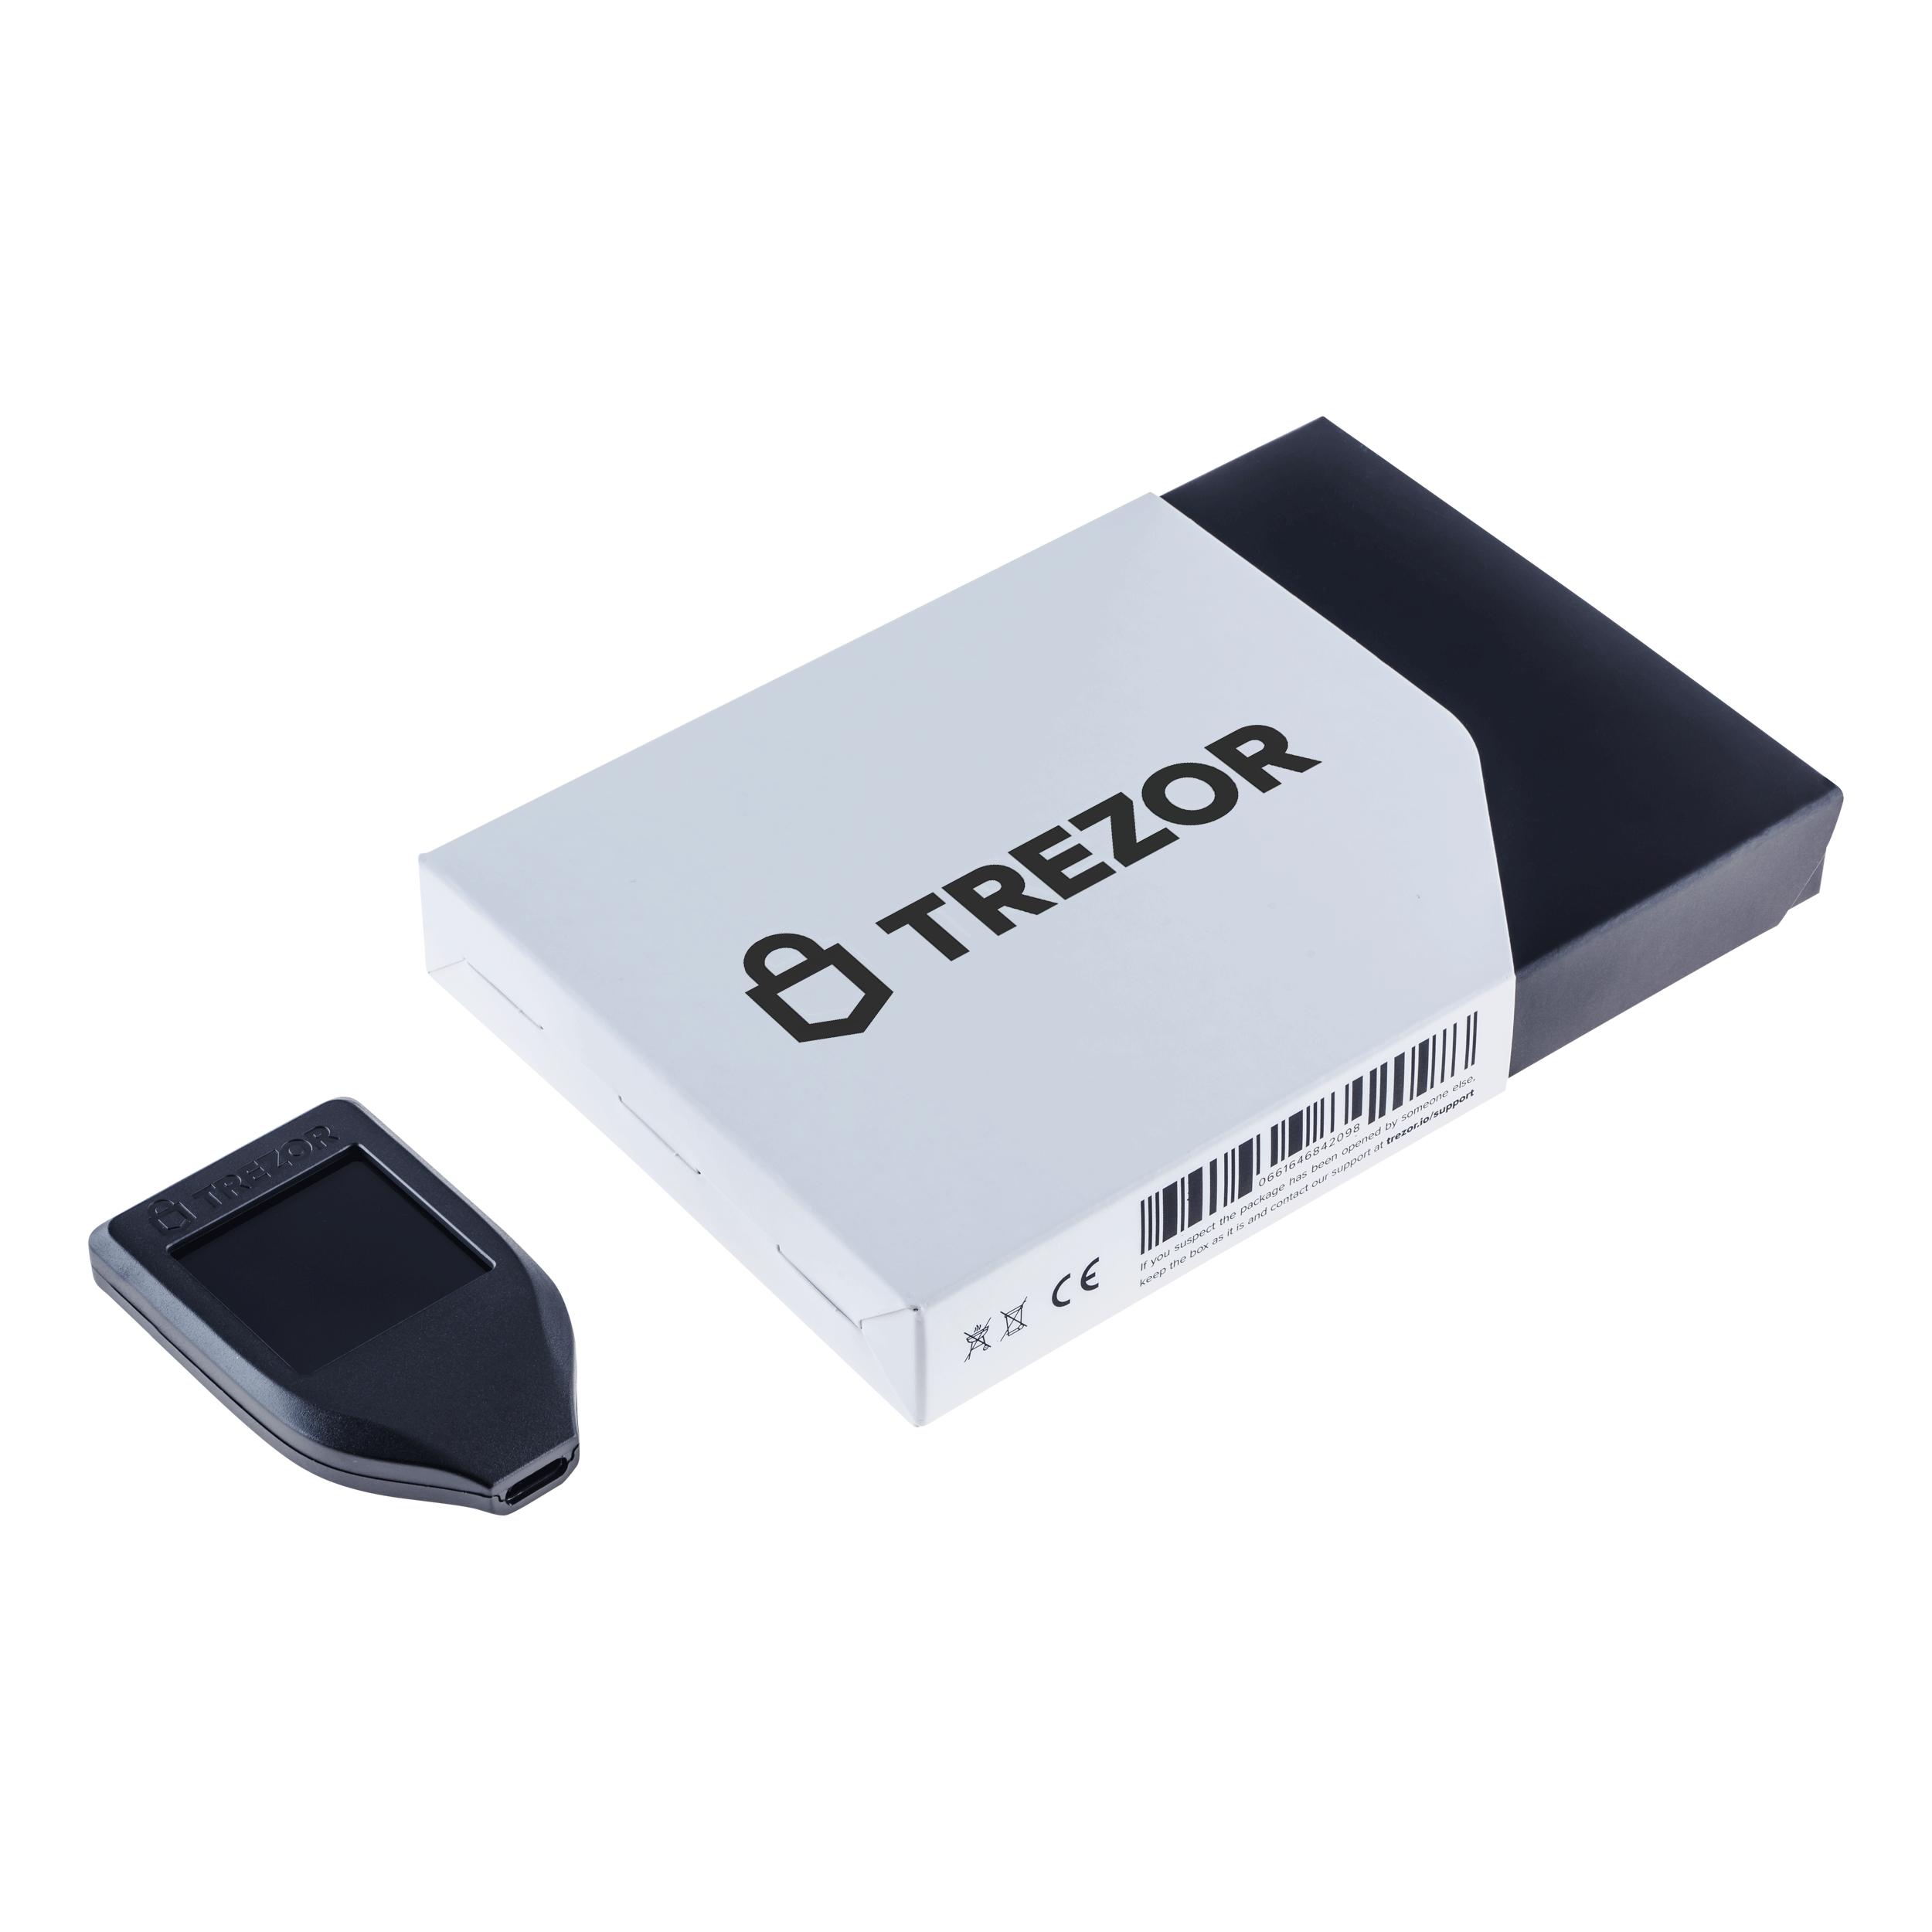 trezor_packages_best_bitcoin_wallet.jpg